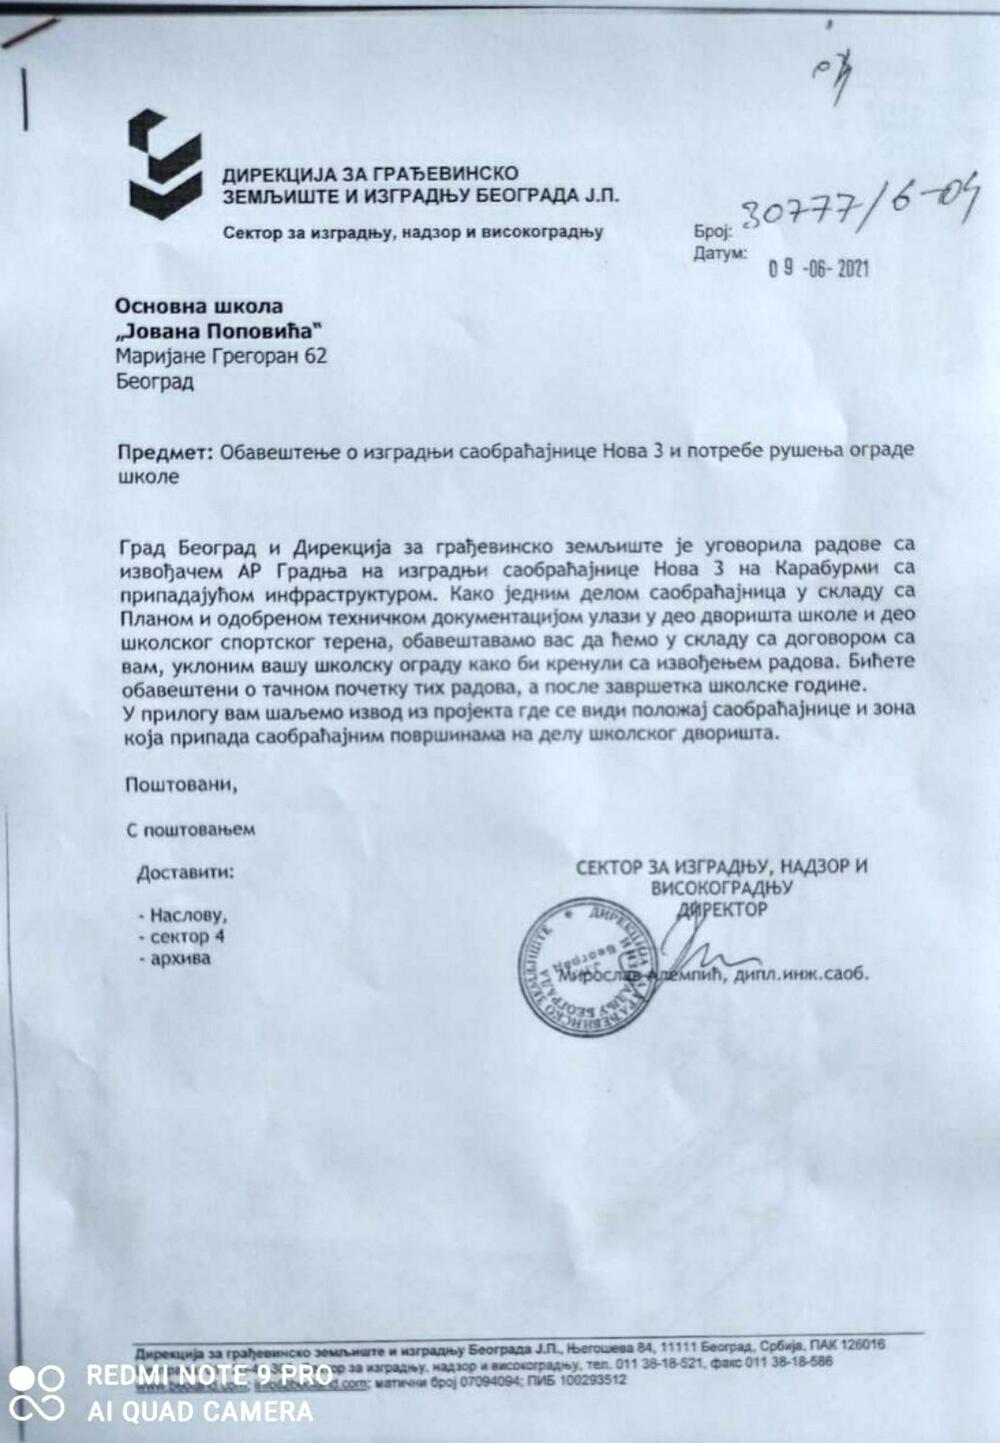 Dopis Direkcije školi